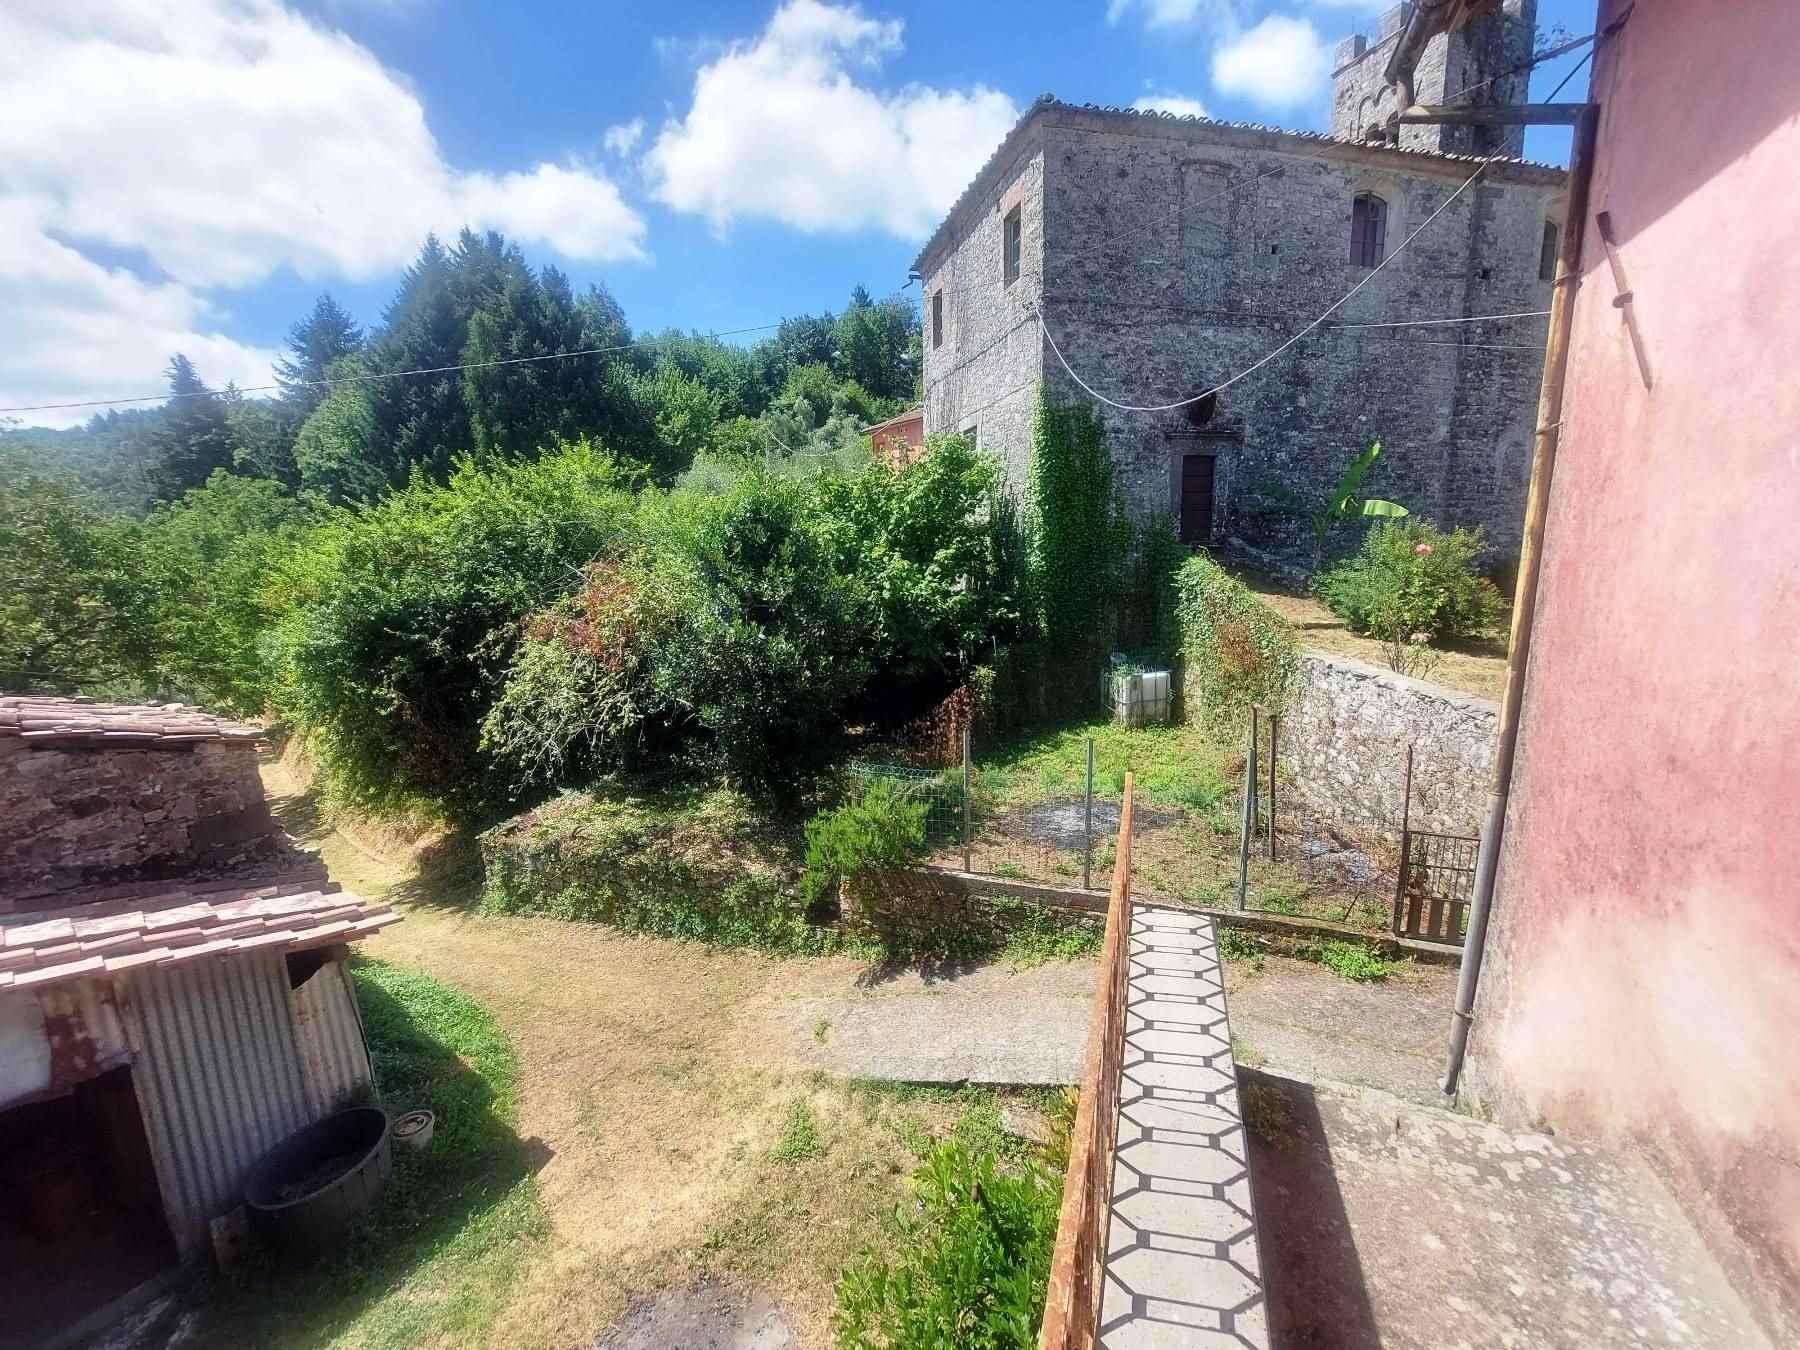 La vista sul giardino - The view of the garden